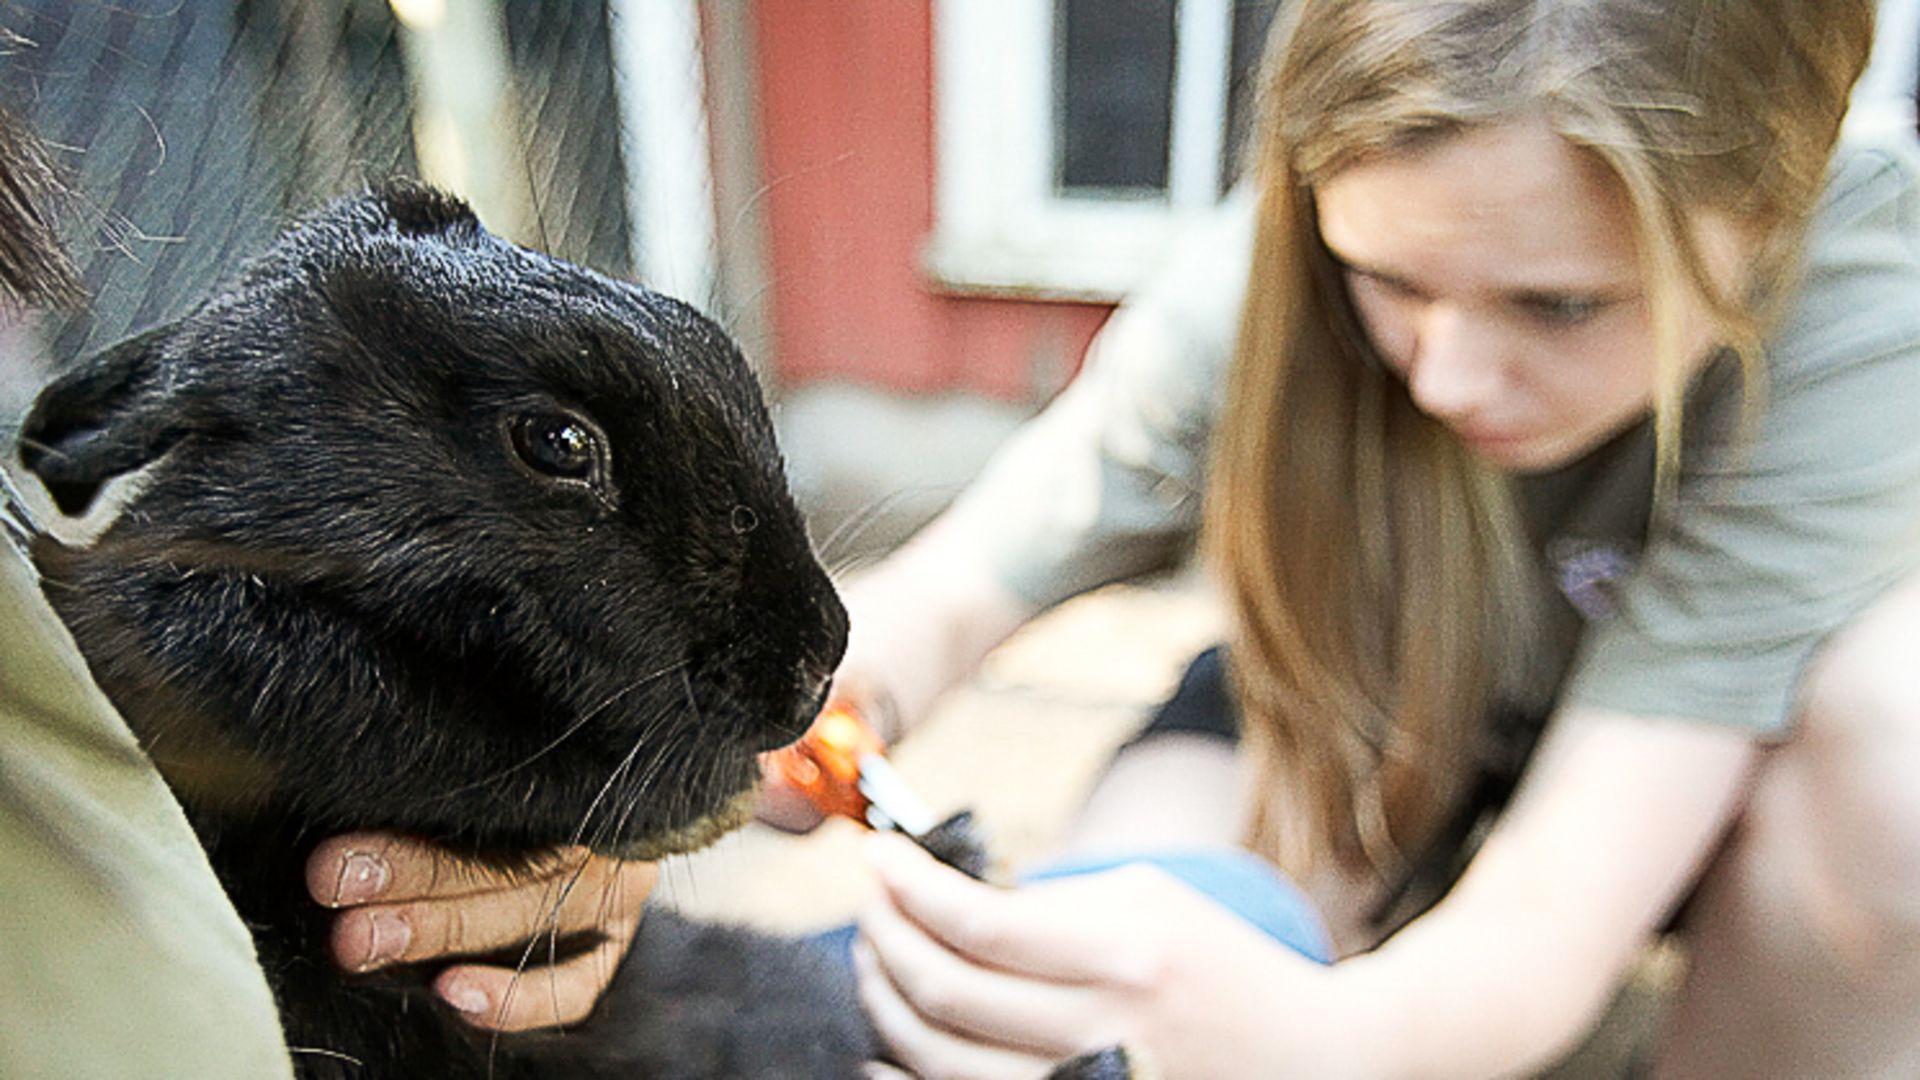 Vad är skillnaden mellan utbildningarna Hund- och Sällskapsdjur och Djursjukvård.